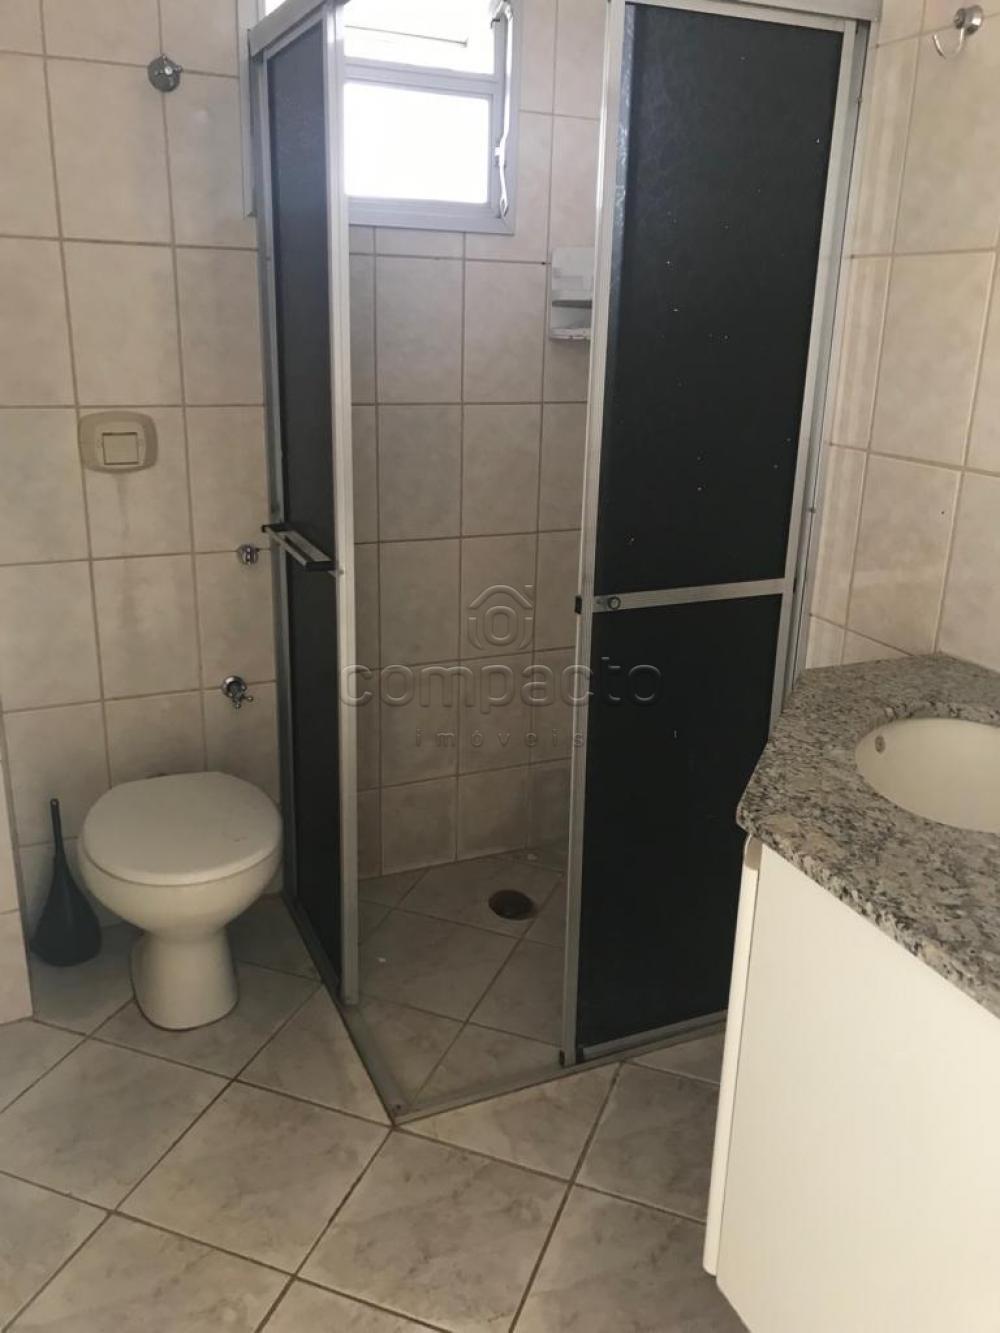 Alugar Apartamento / Padrão em São José do Rio Preto apenas R$ 900,00 - Foto 3